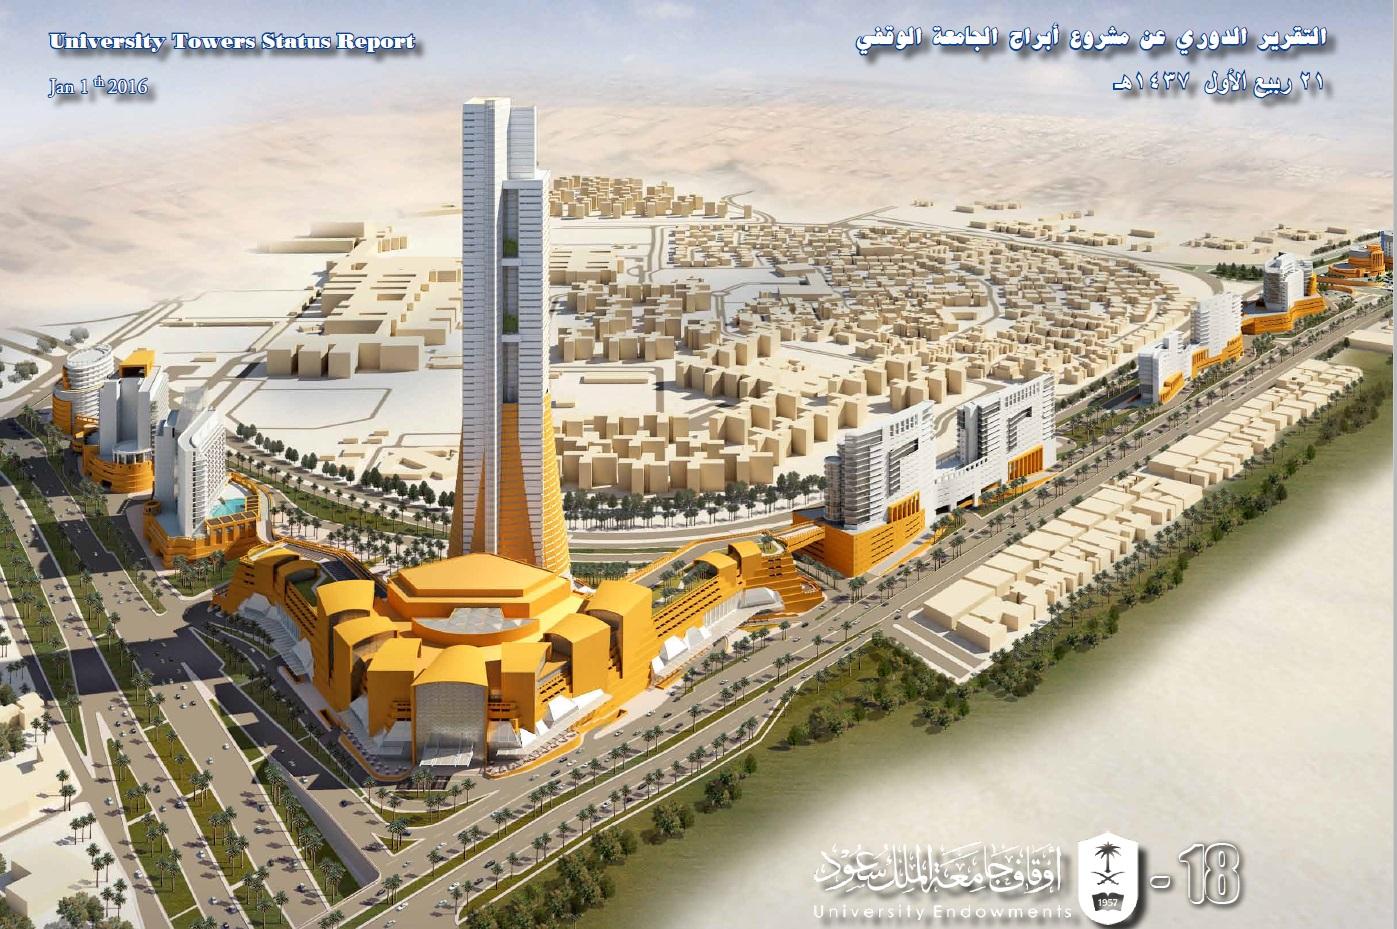 اصدار التقرير الدوري الثامن عشر عن مشروع أبراج الجامعة الوقفي